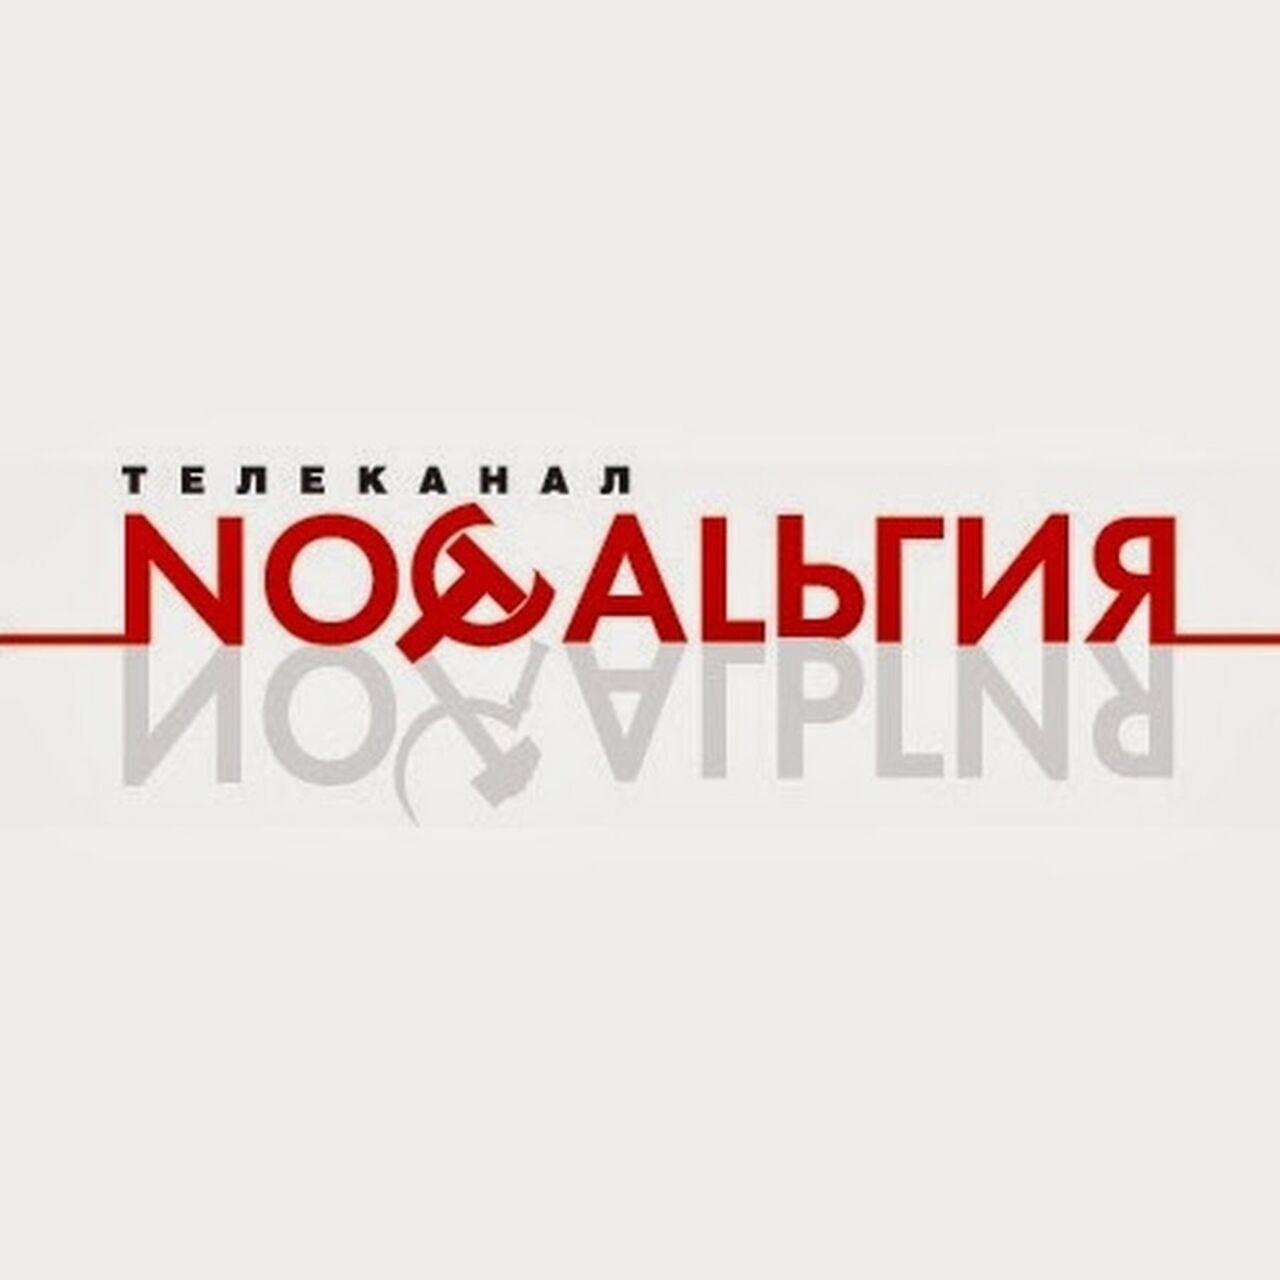 ВУкраинском государстве запретили канал «Ностальгия» из-за герба СССР влоготипе